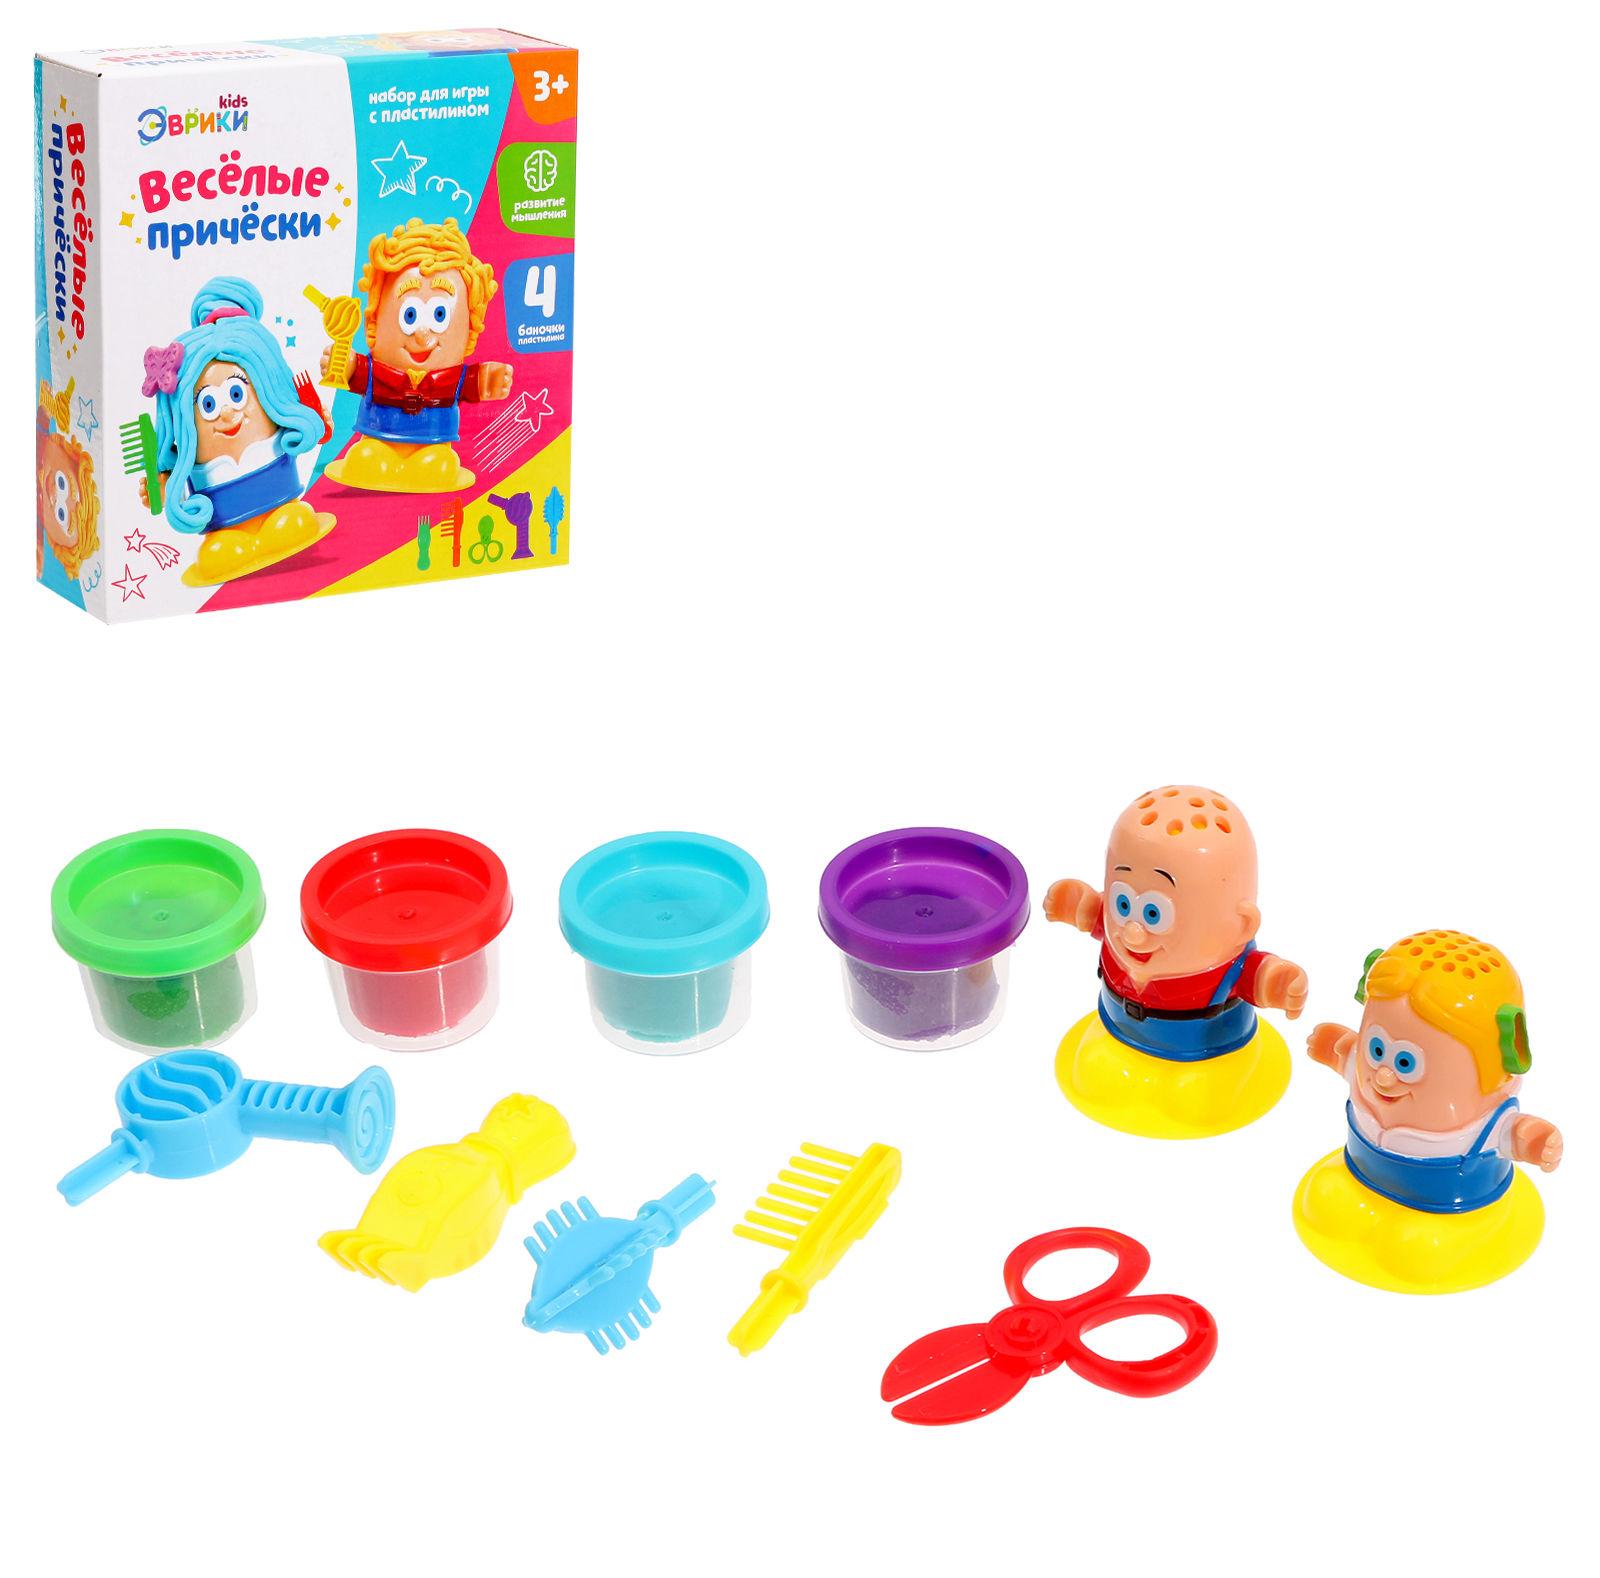 Набор для игры с пластилином «Весёлые причёски»